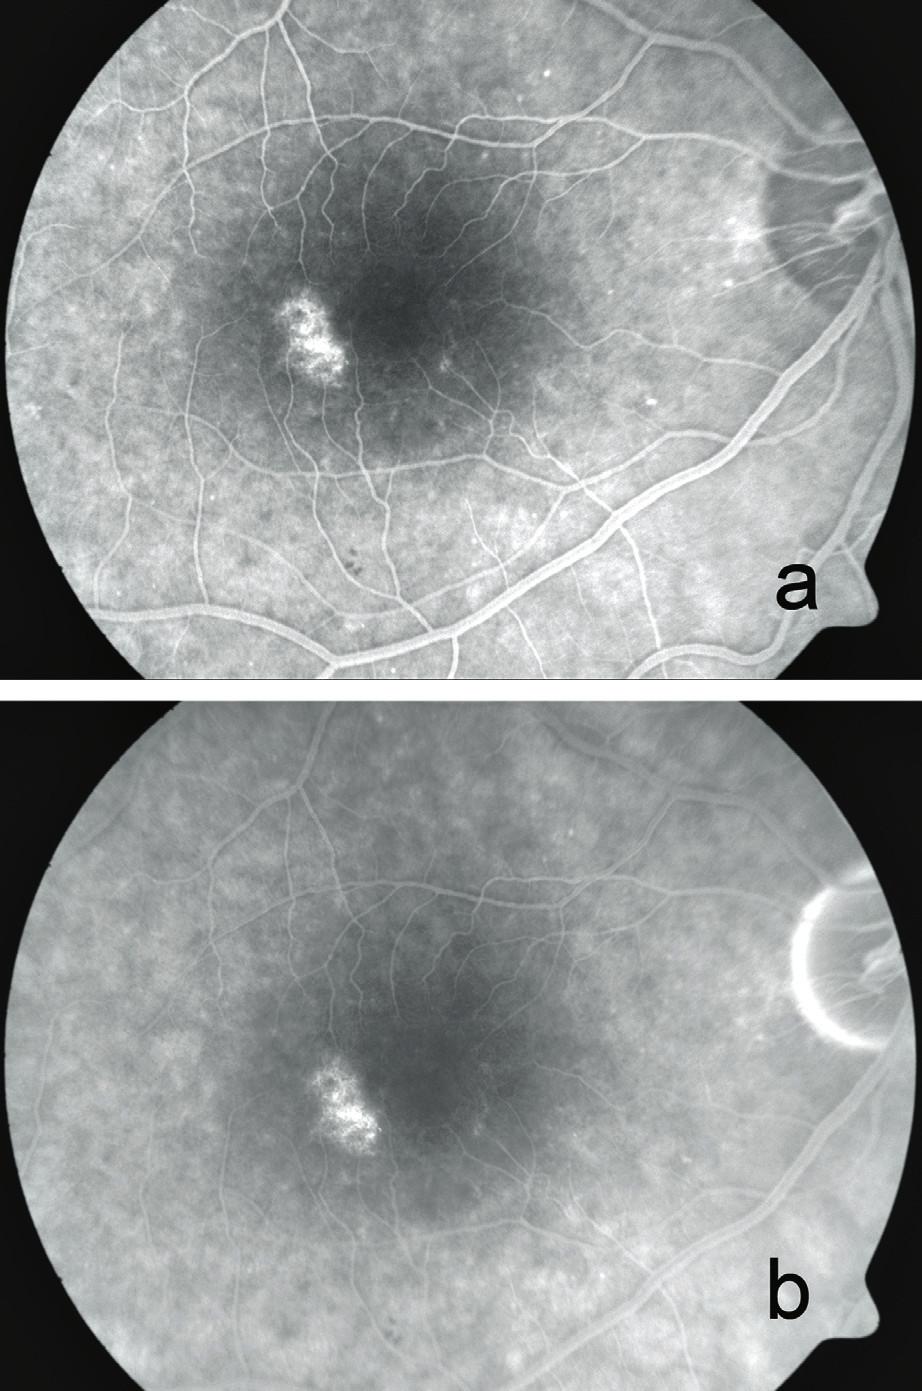 """Fluorescenční angiografie s mírnou poruchou pigmentace okolo centra a ložiskovým """"window"""" defektem v makule pravého oka a) ve 42. vteřině, b) v 7. minutě"""